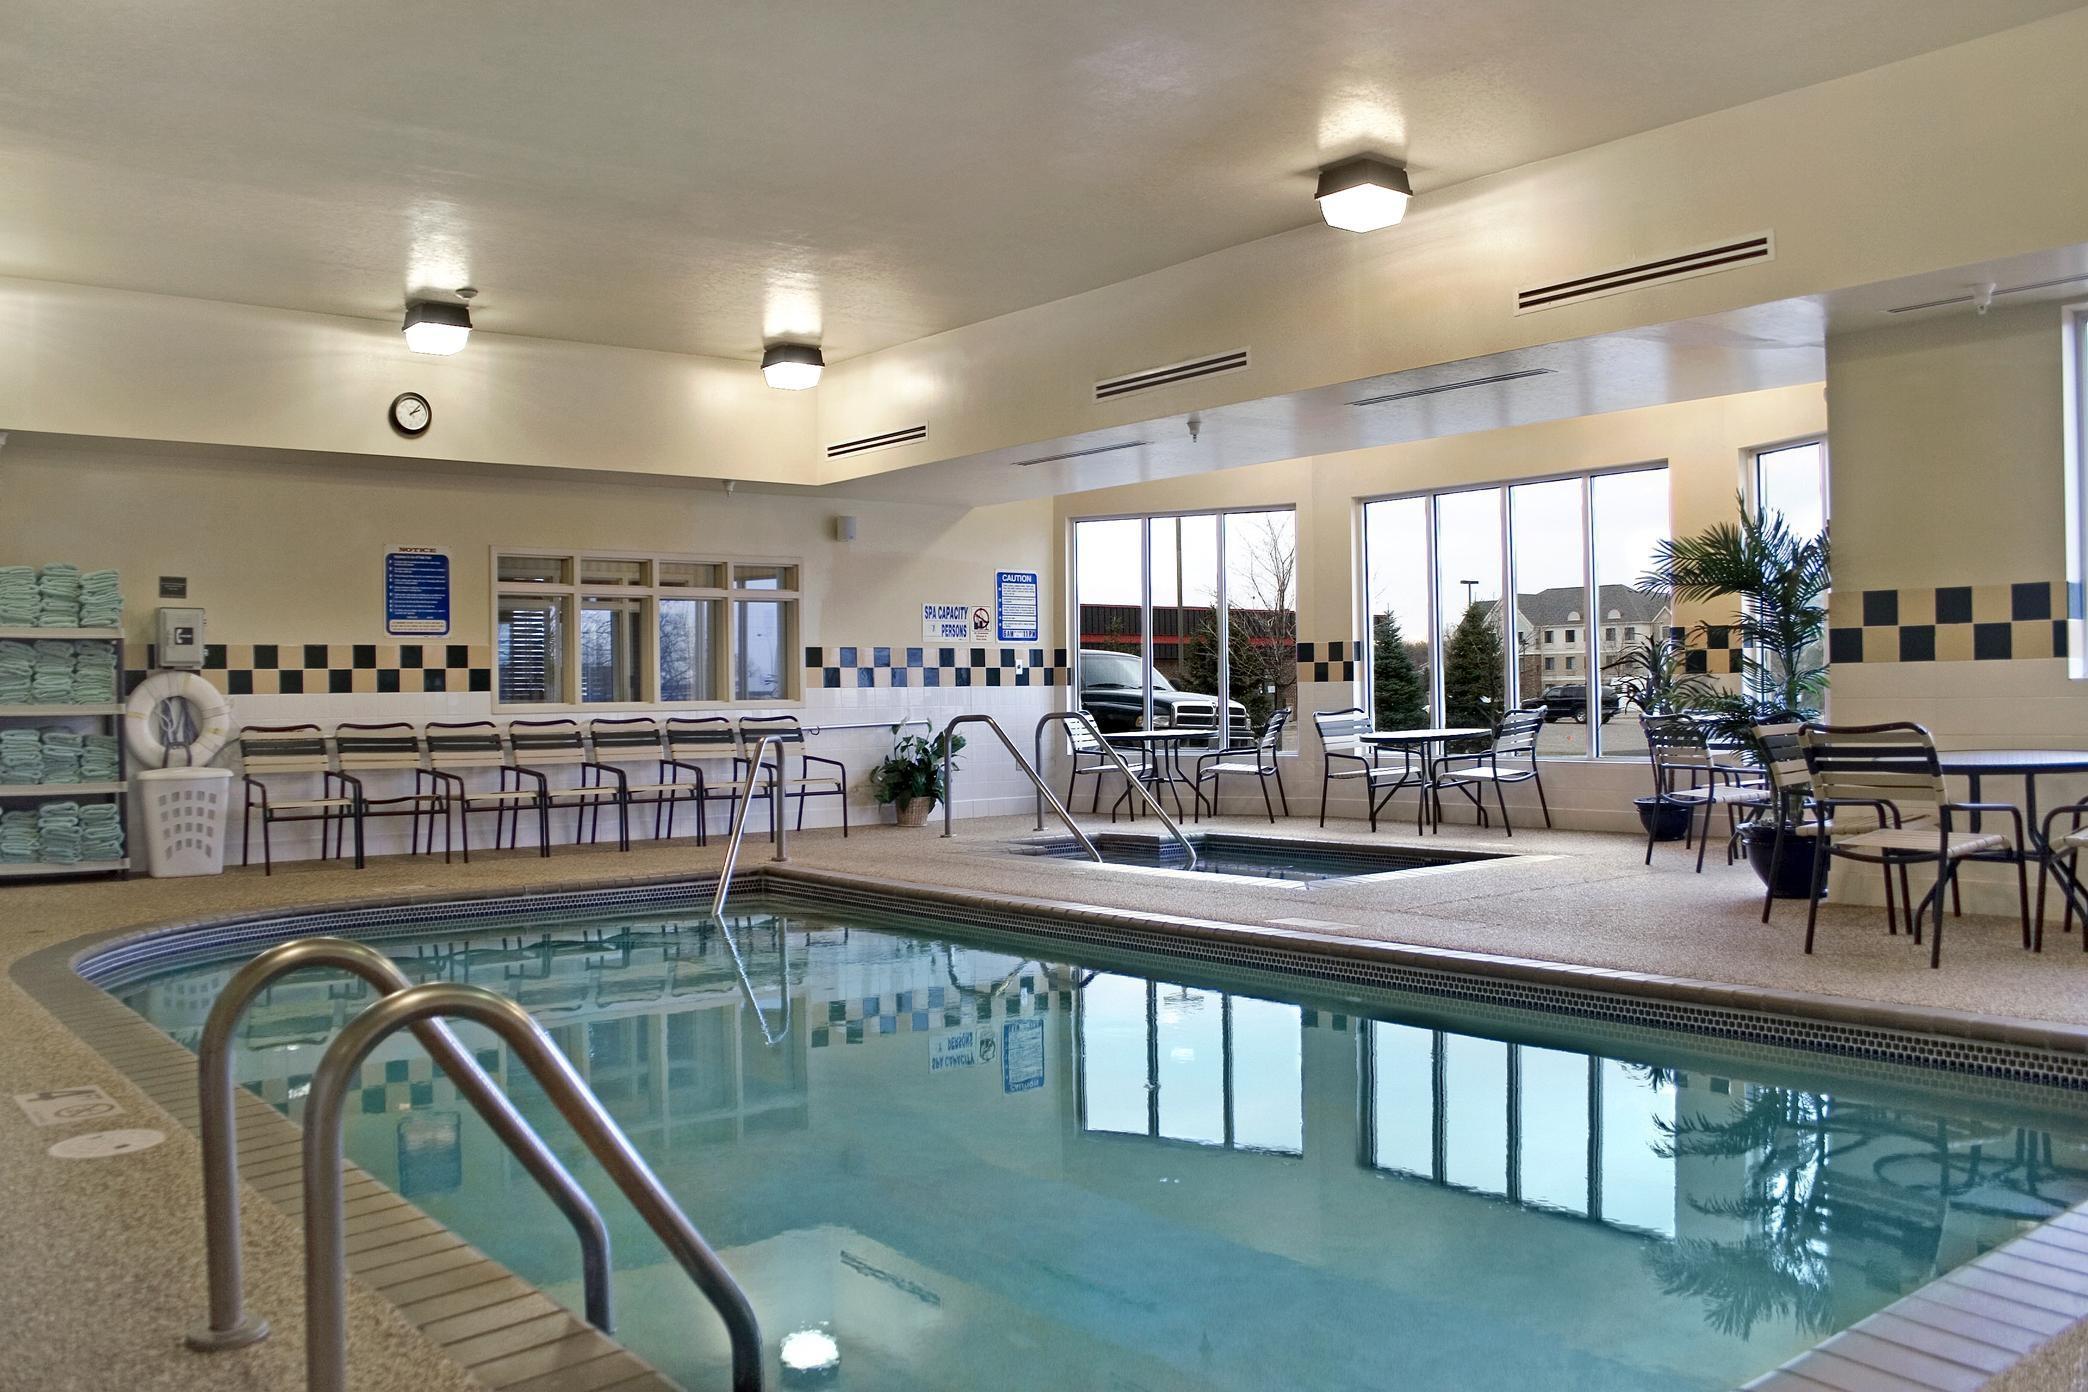 Hilton garden inn minneapolis eagan eagan mn business page for Hilton garden inn minneapolis eagan